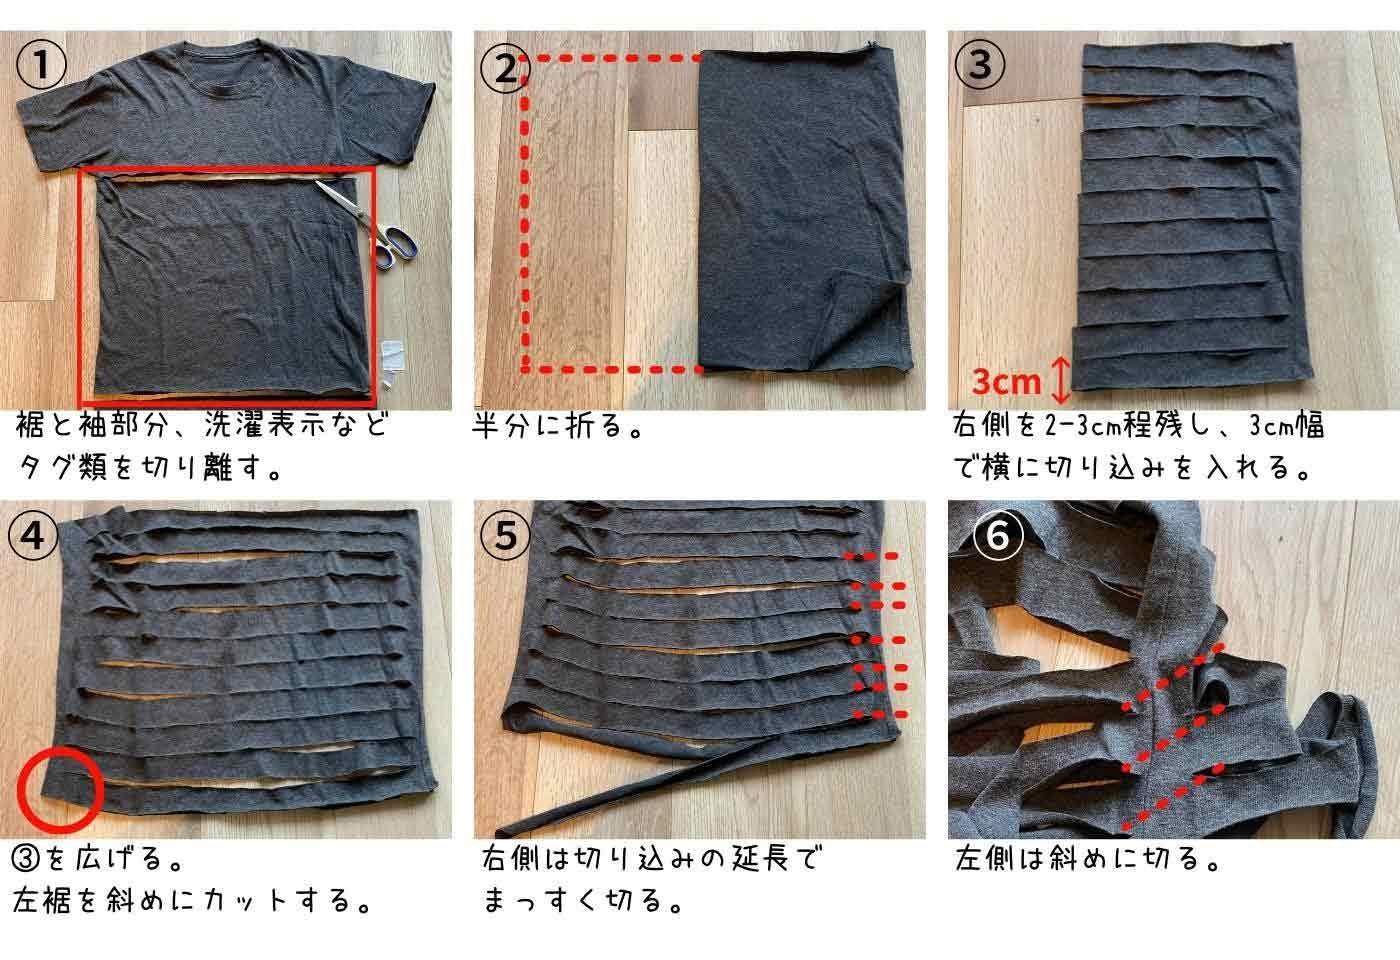 Tシャツヤーンの作り方